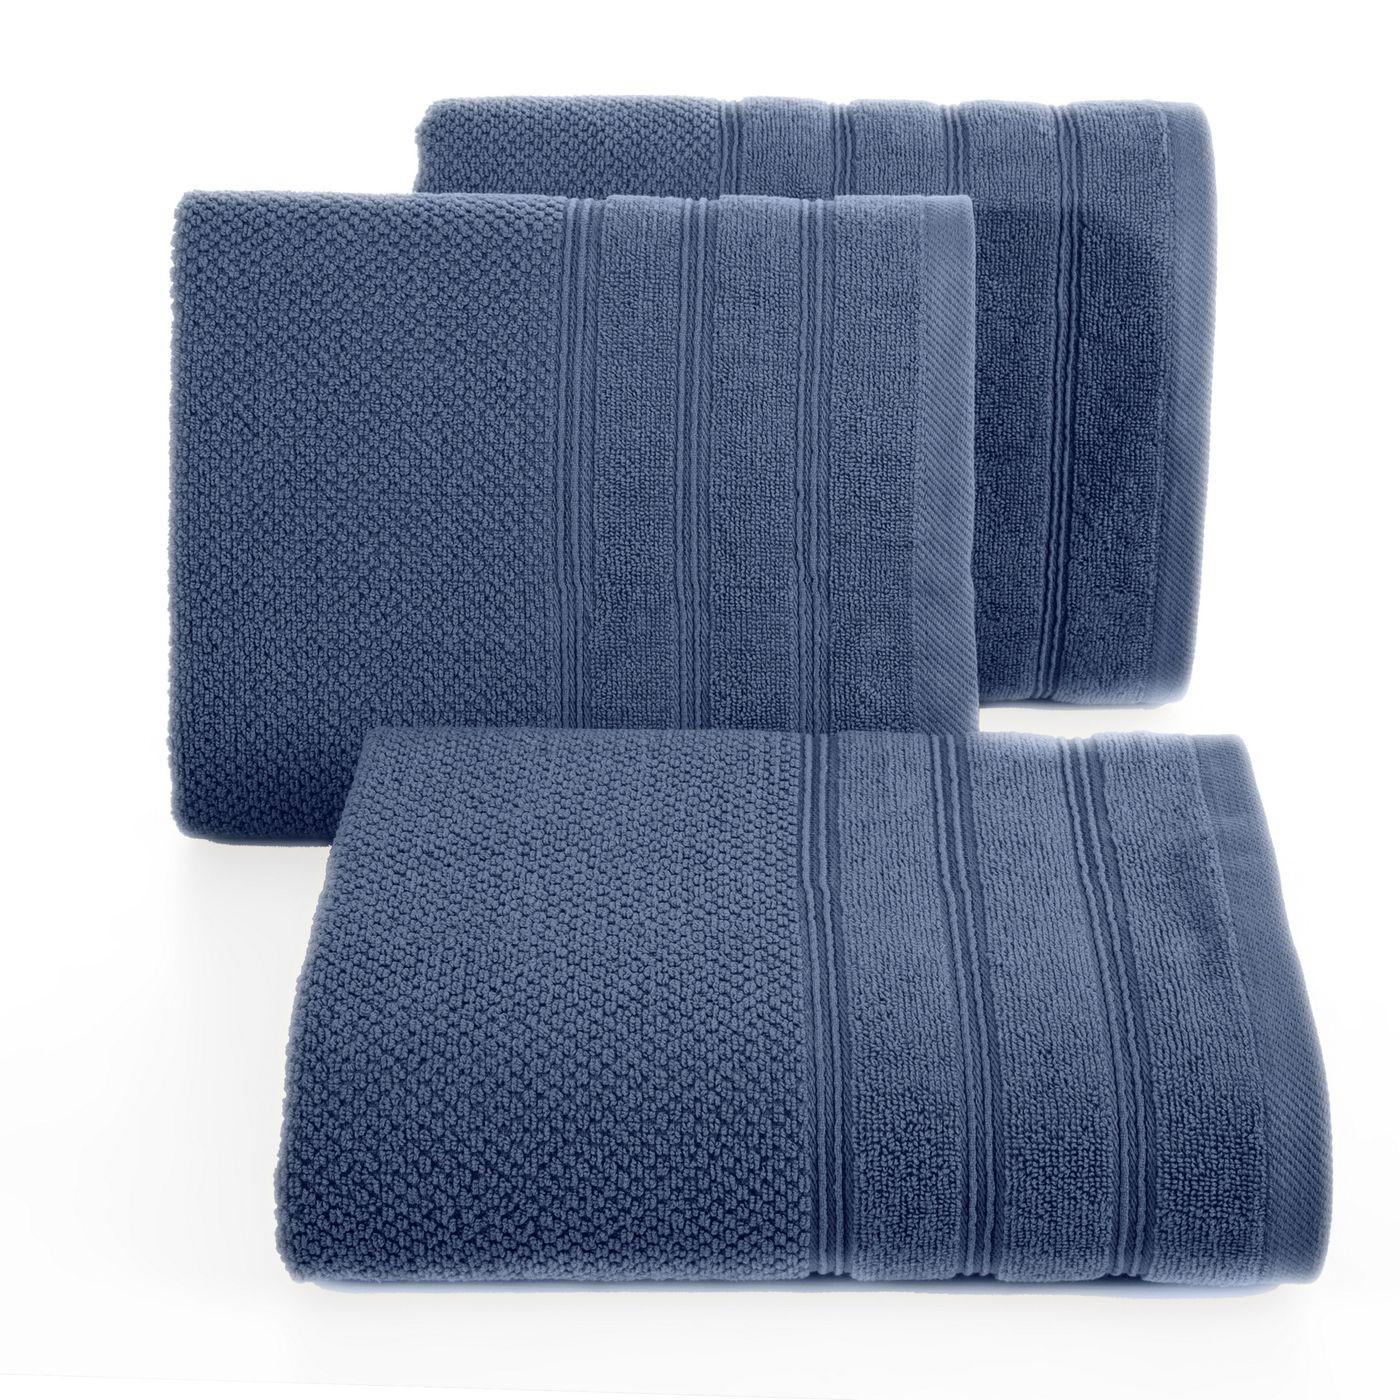 Bawełniany ręcznik kąpielowy frote niebieski 50x90